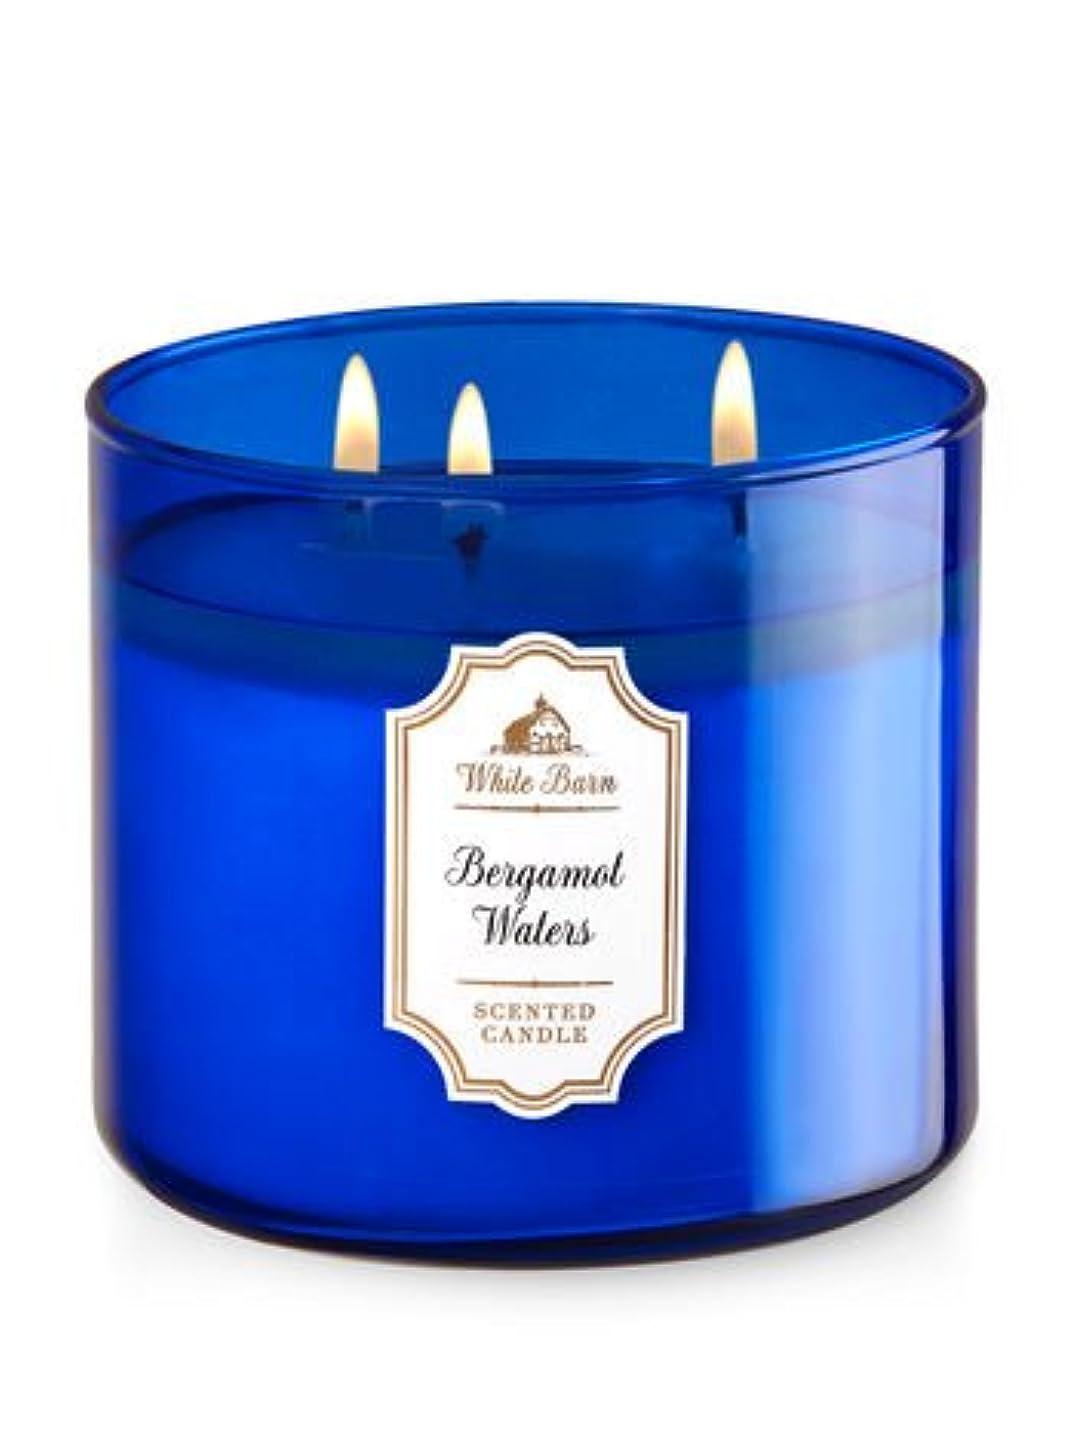 配当デクリメント後ろに【Bath&Body Works/バス&ボディワークス】 アロマキャンドル ベルガモットウォーター 3-Wick Scented Candle Bergamot Waters 14.5oz/411g [並行輸入品]